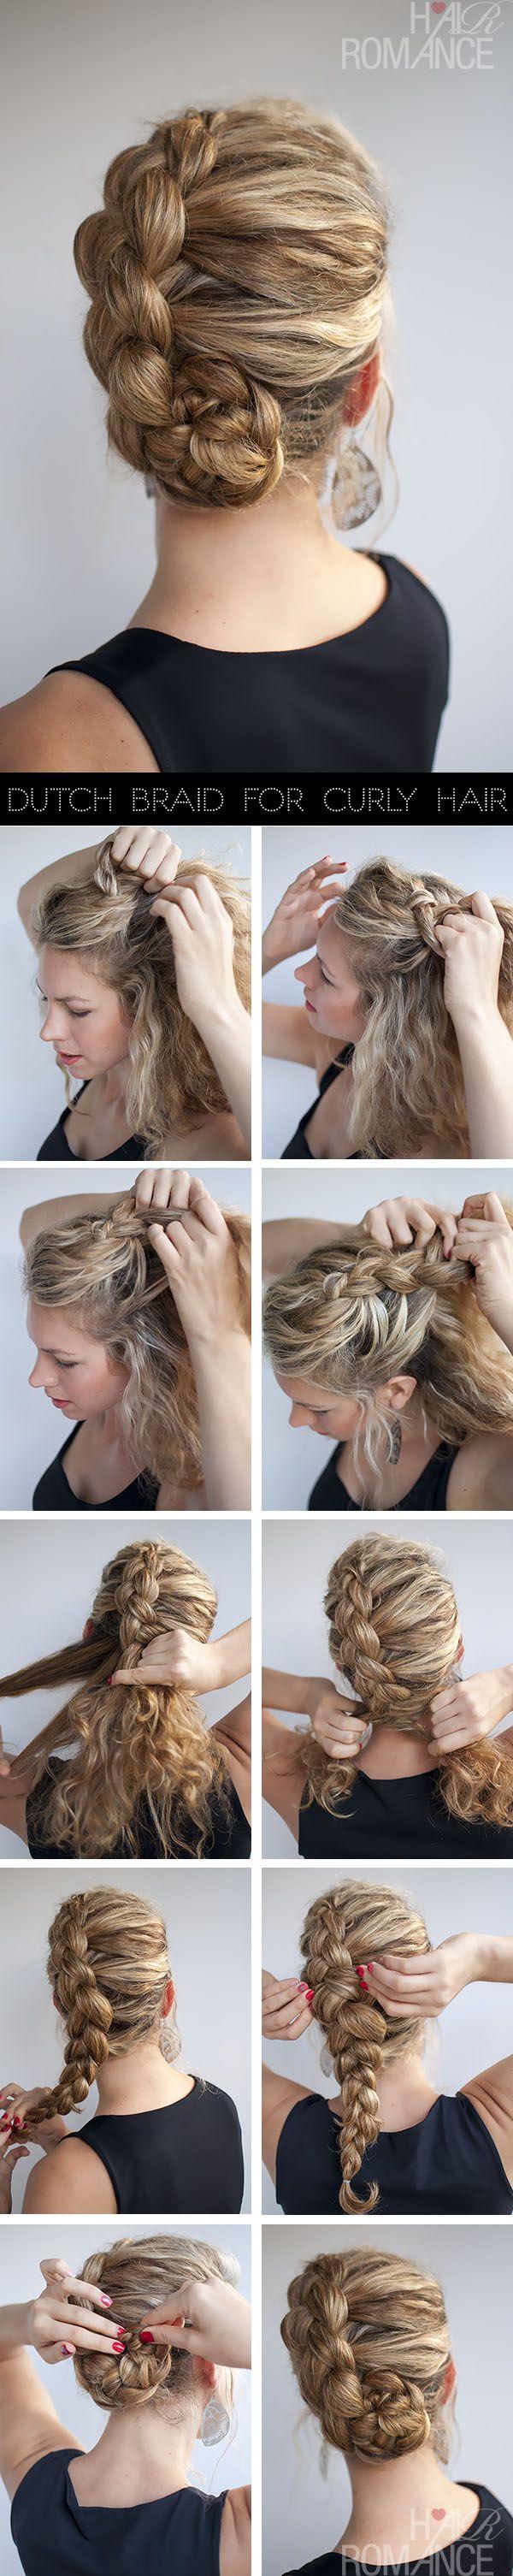 Hairstyle for curly hair: Dutch braid tutorial | Hair Romance